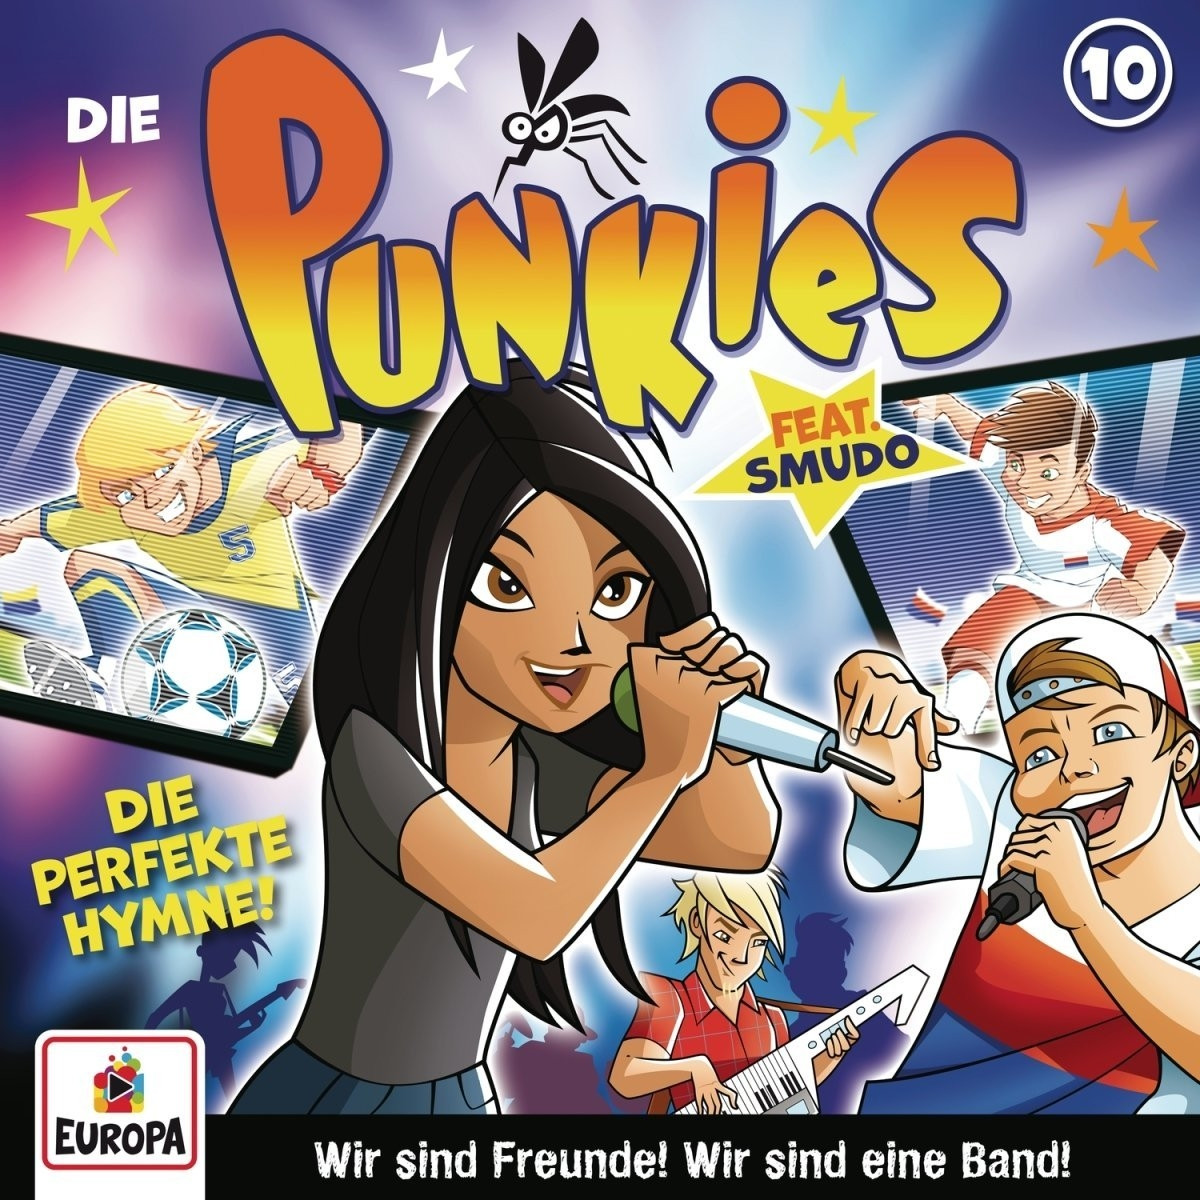 Die Punkies - Folge 10: Die perfekte Hymne!